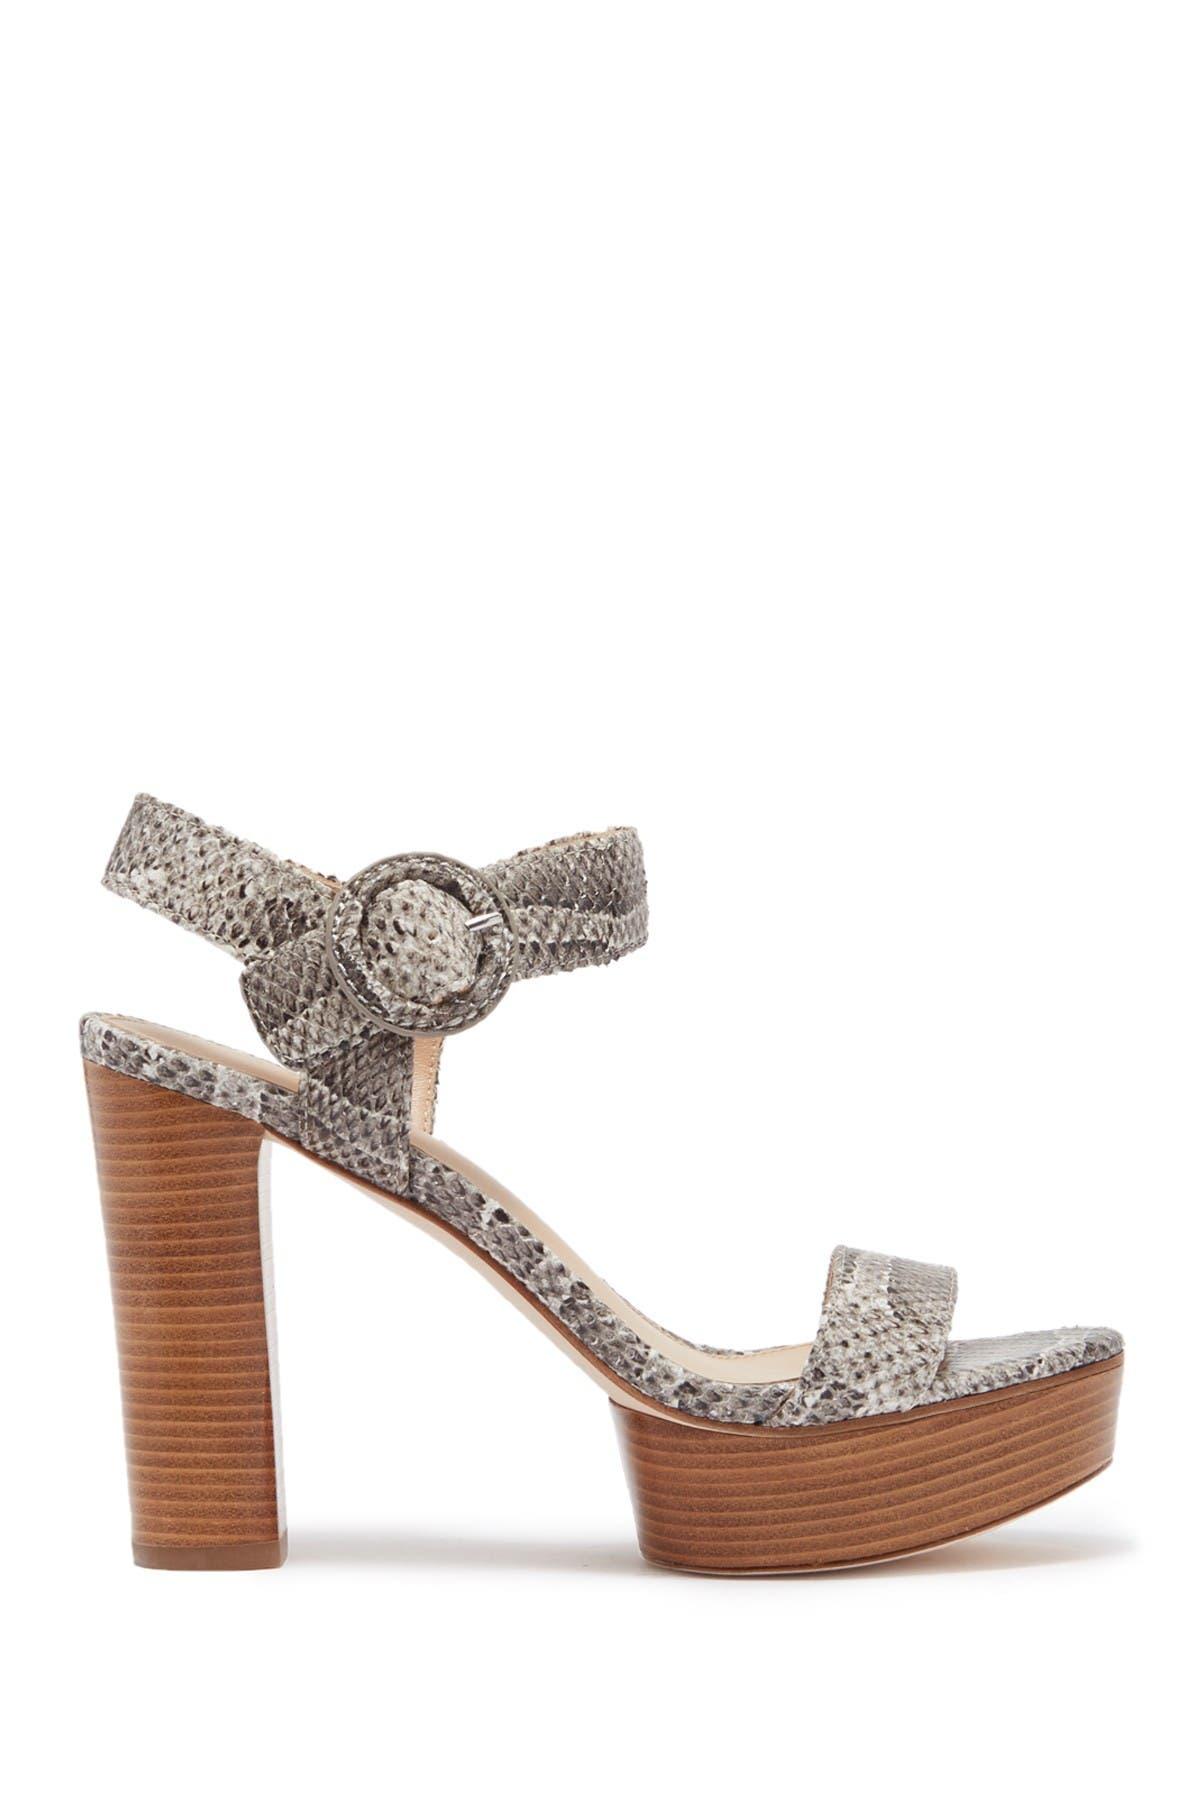 Image of Via Spiga Ira Snakeskin Printed Leather Sandal